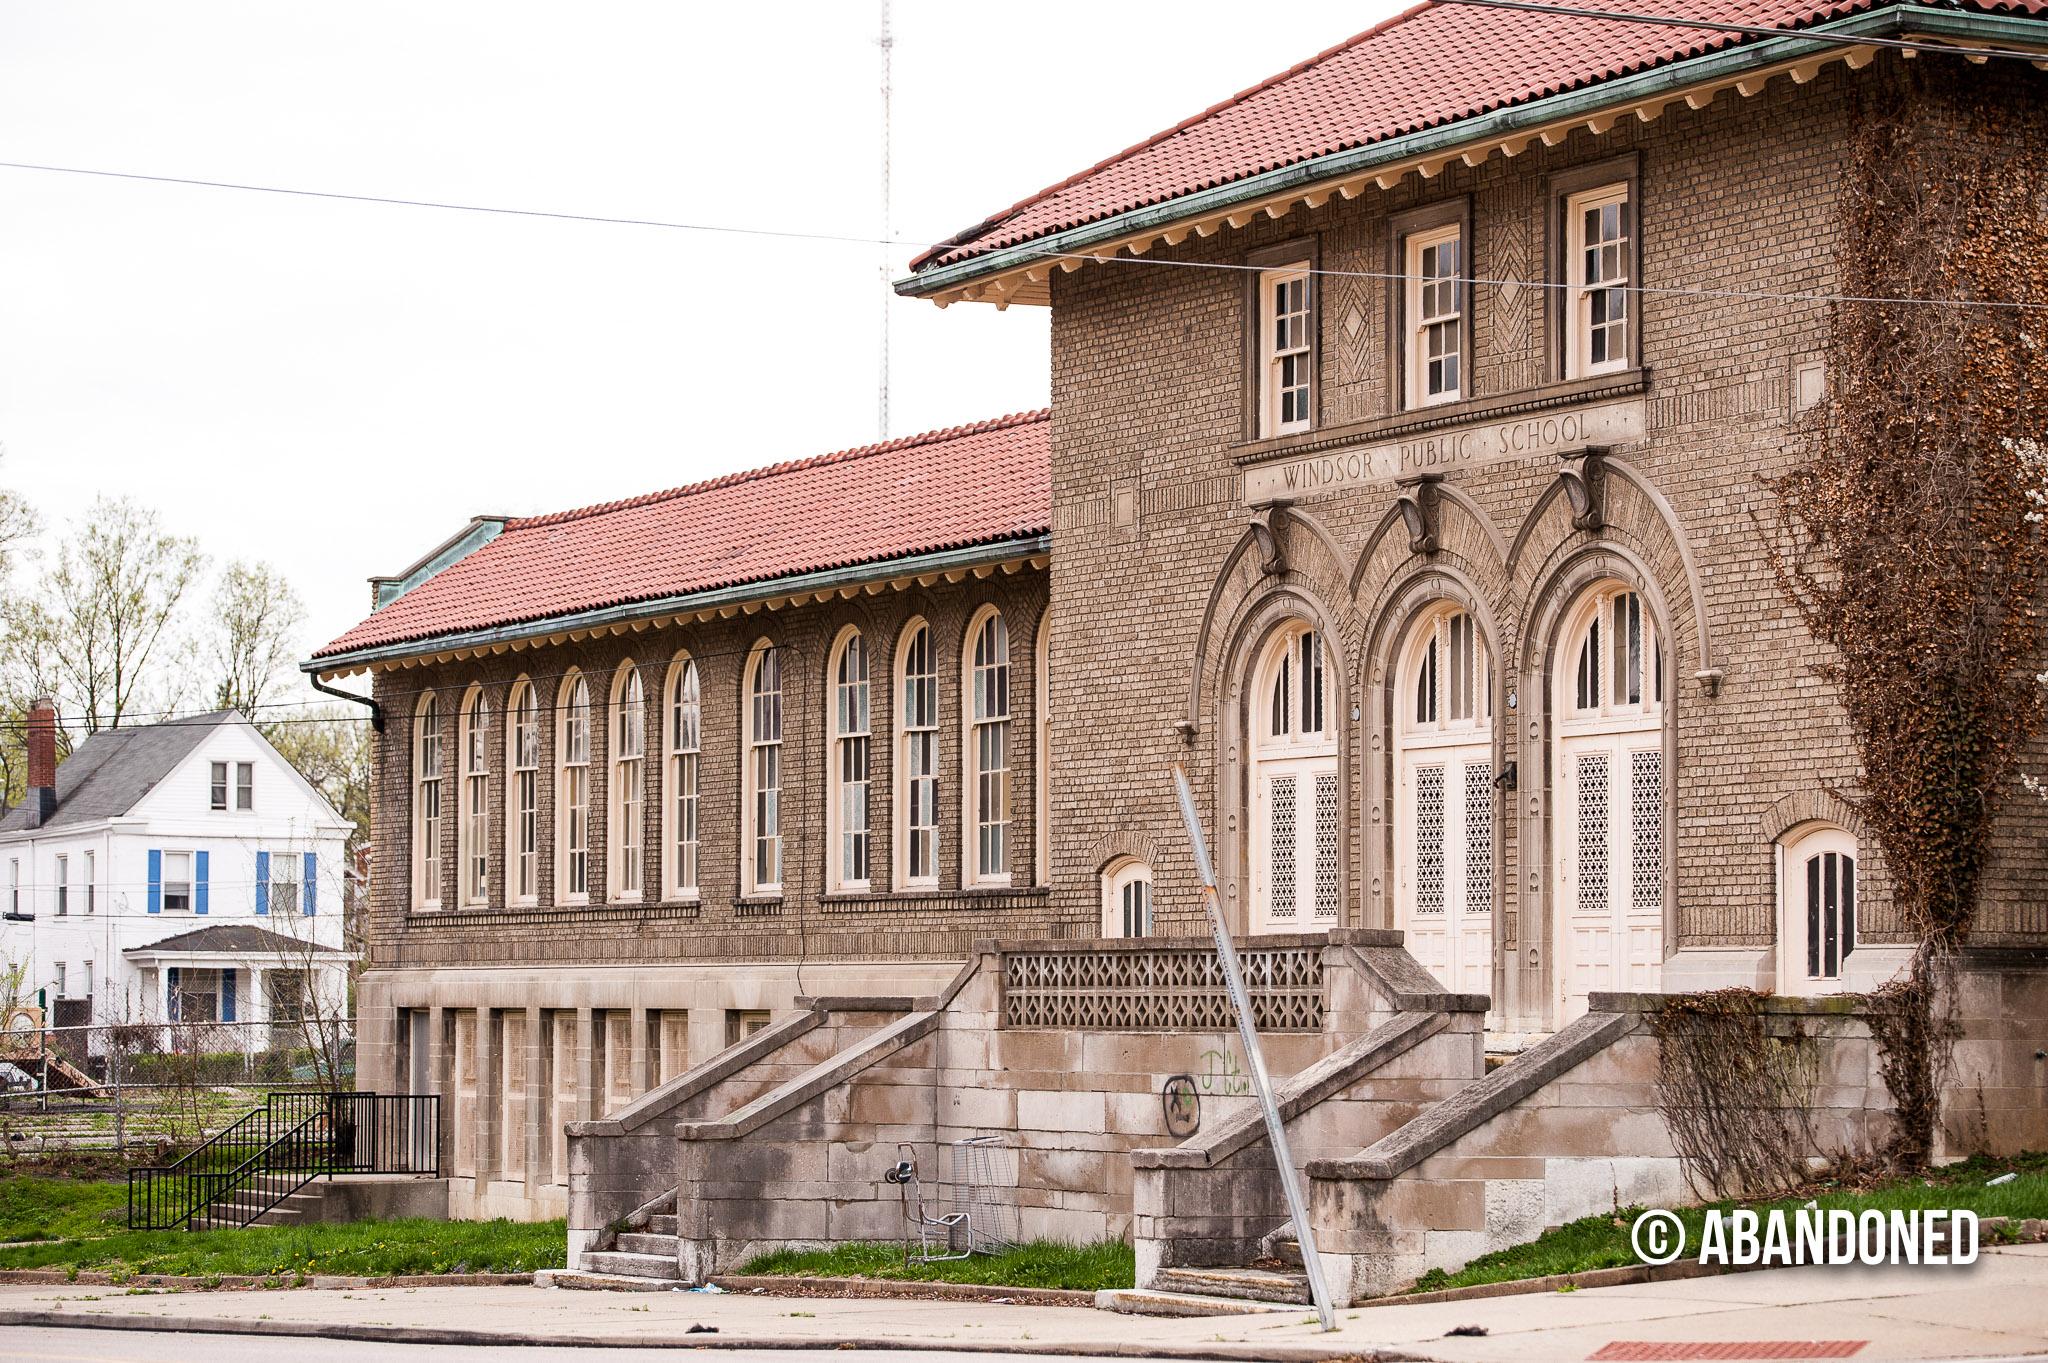 Windsor School